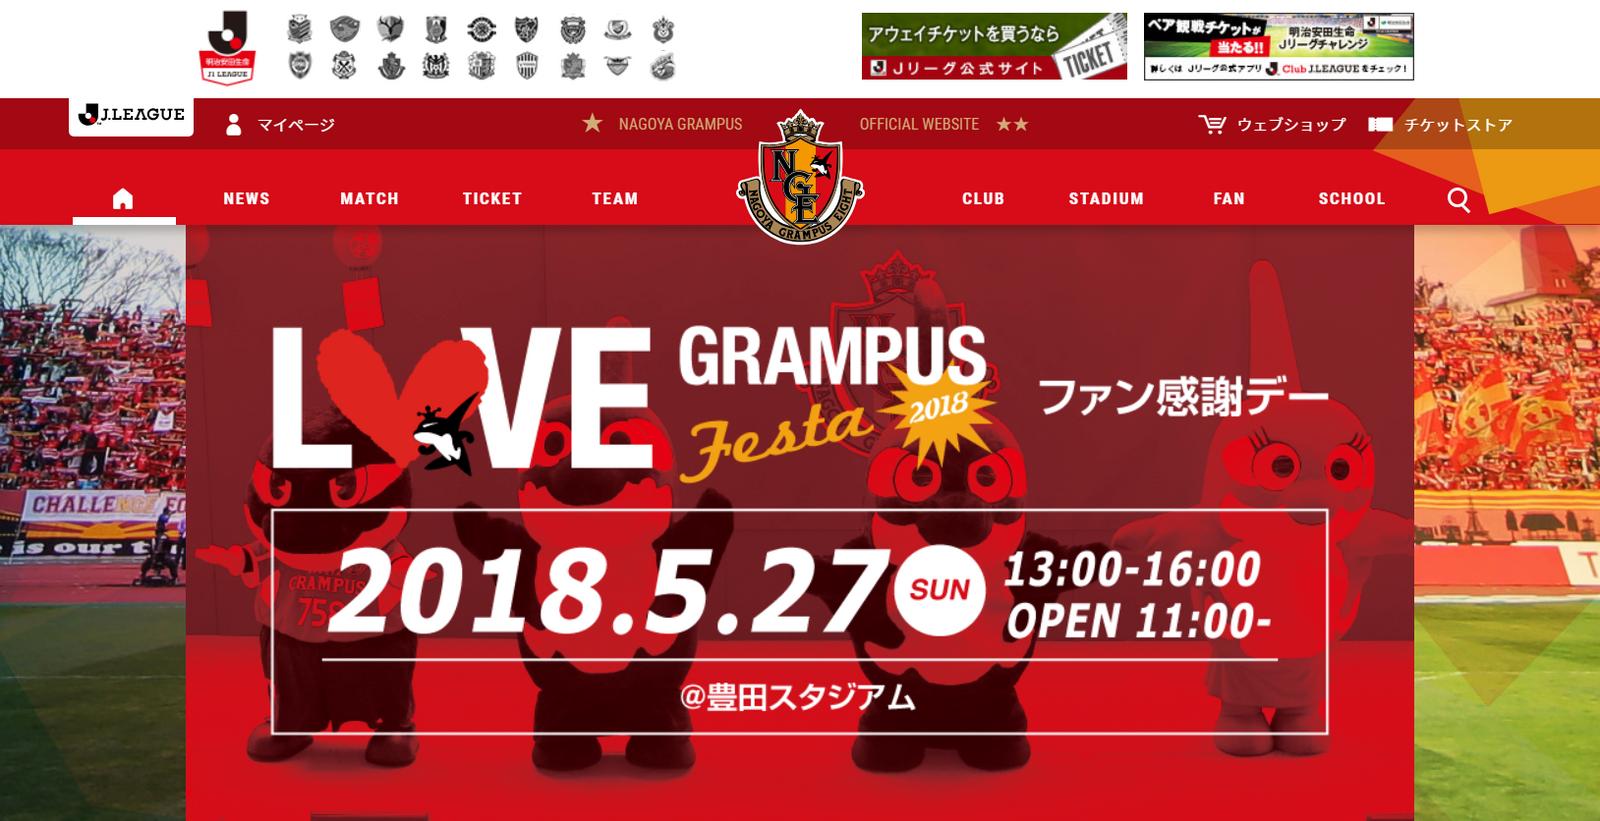 12_nagoyagrampus